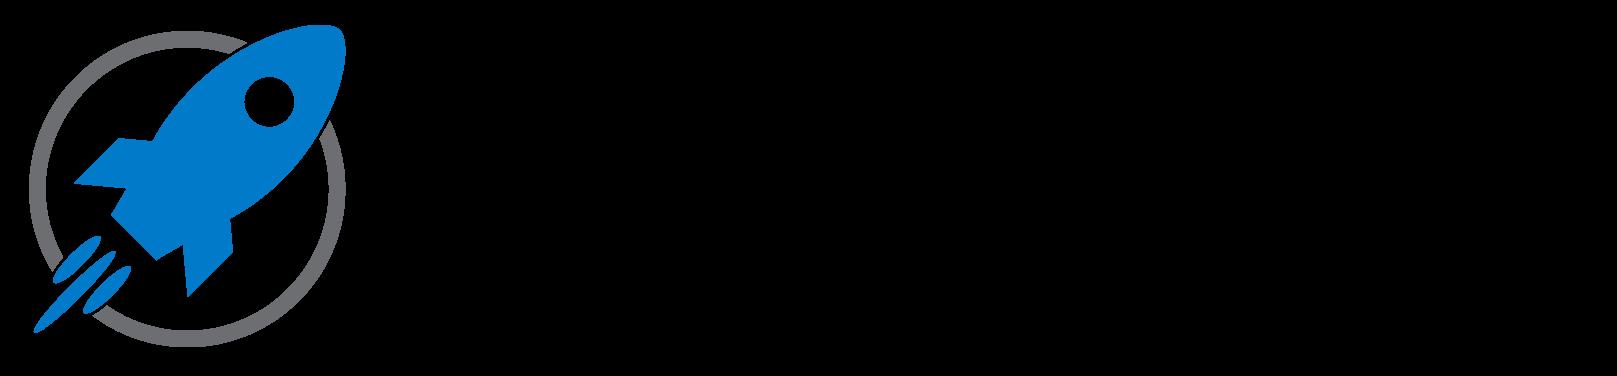 ESW Mdoern Business Series Logo